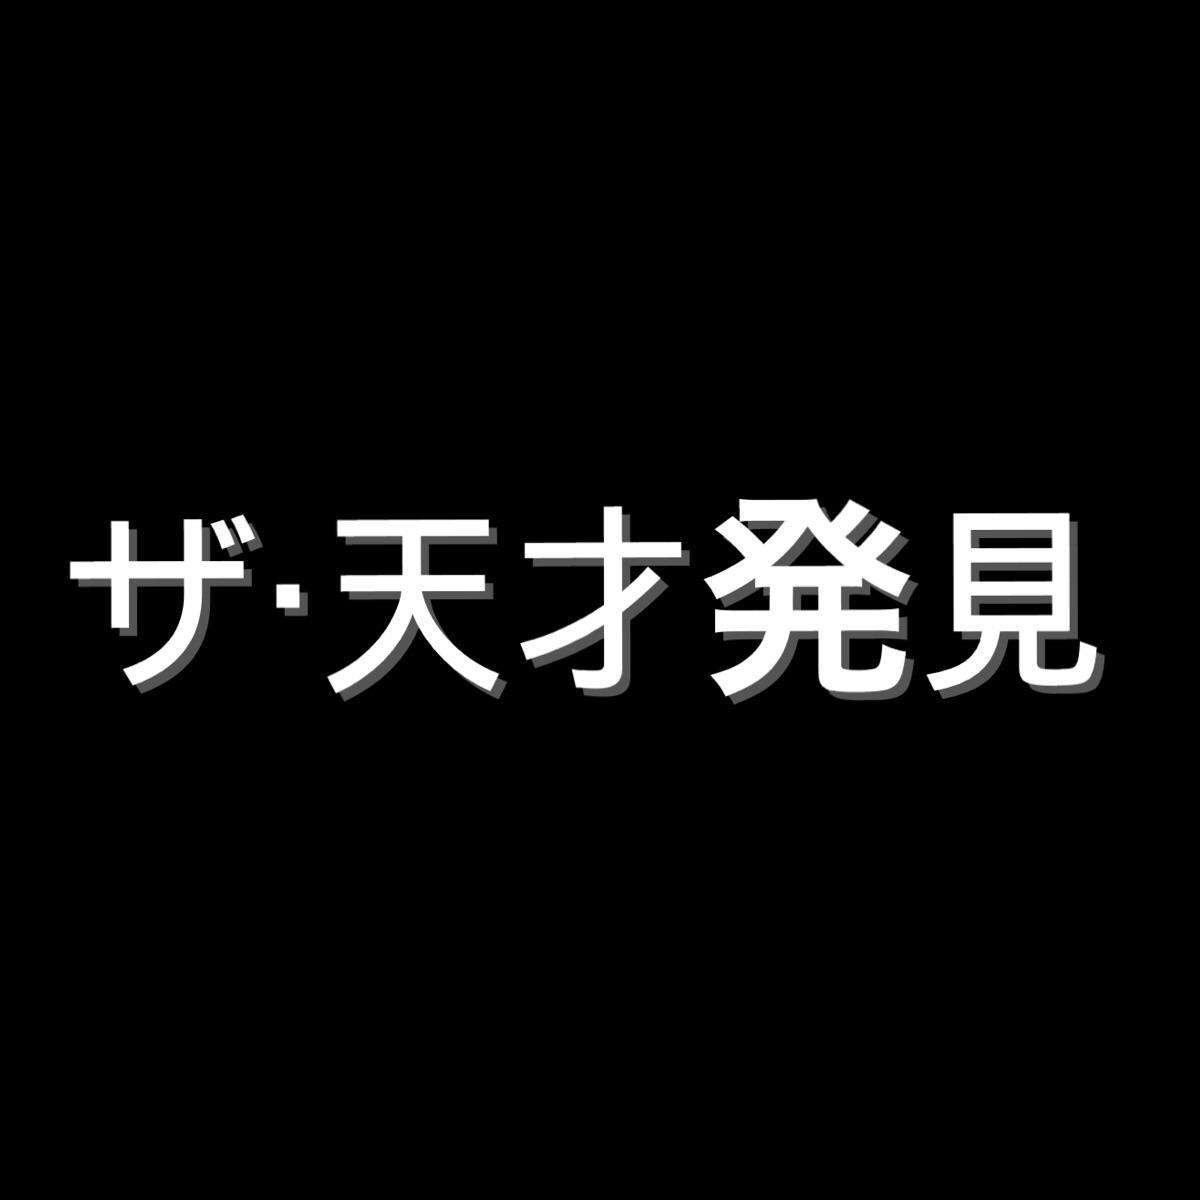 #13 一夢 1000円